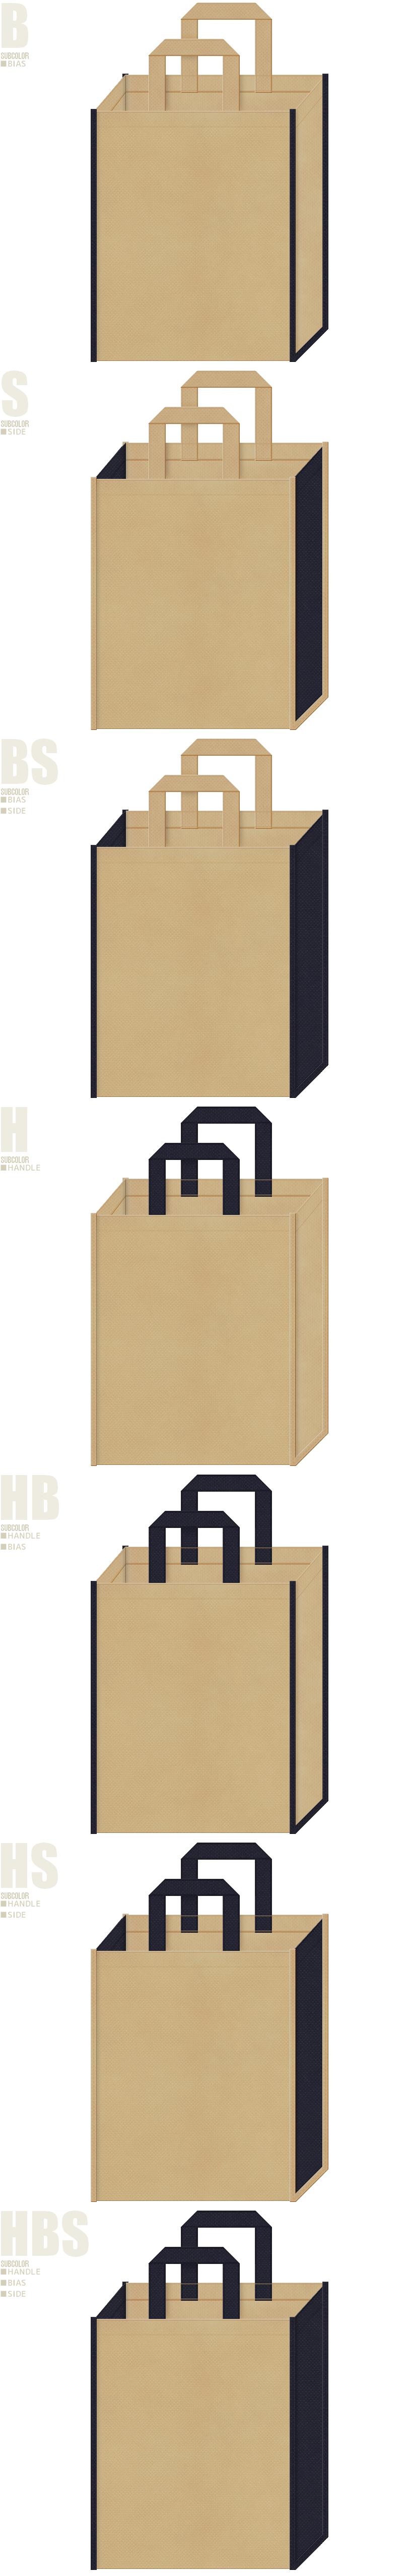 学校・オープンキャンパス・学習塾・専門書・書籍・レッスンバッグ・インディゴデニム・ジーパン・カジュアル・アウトレットのショッピングバッグにお奨めの不織布バッグデザイン:カーキ色と濃紺色の配色7パターン。